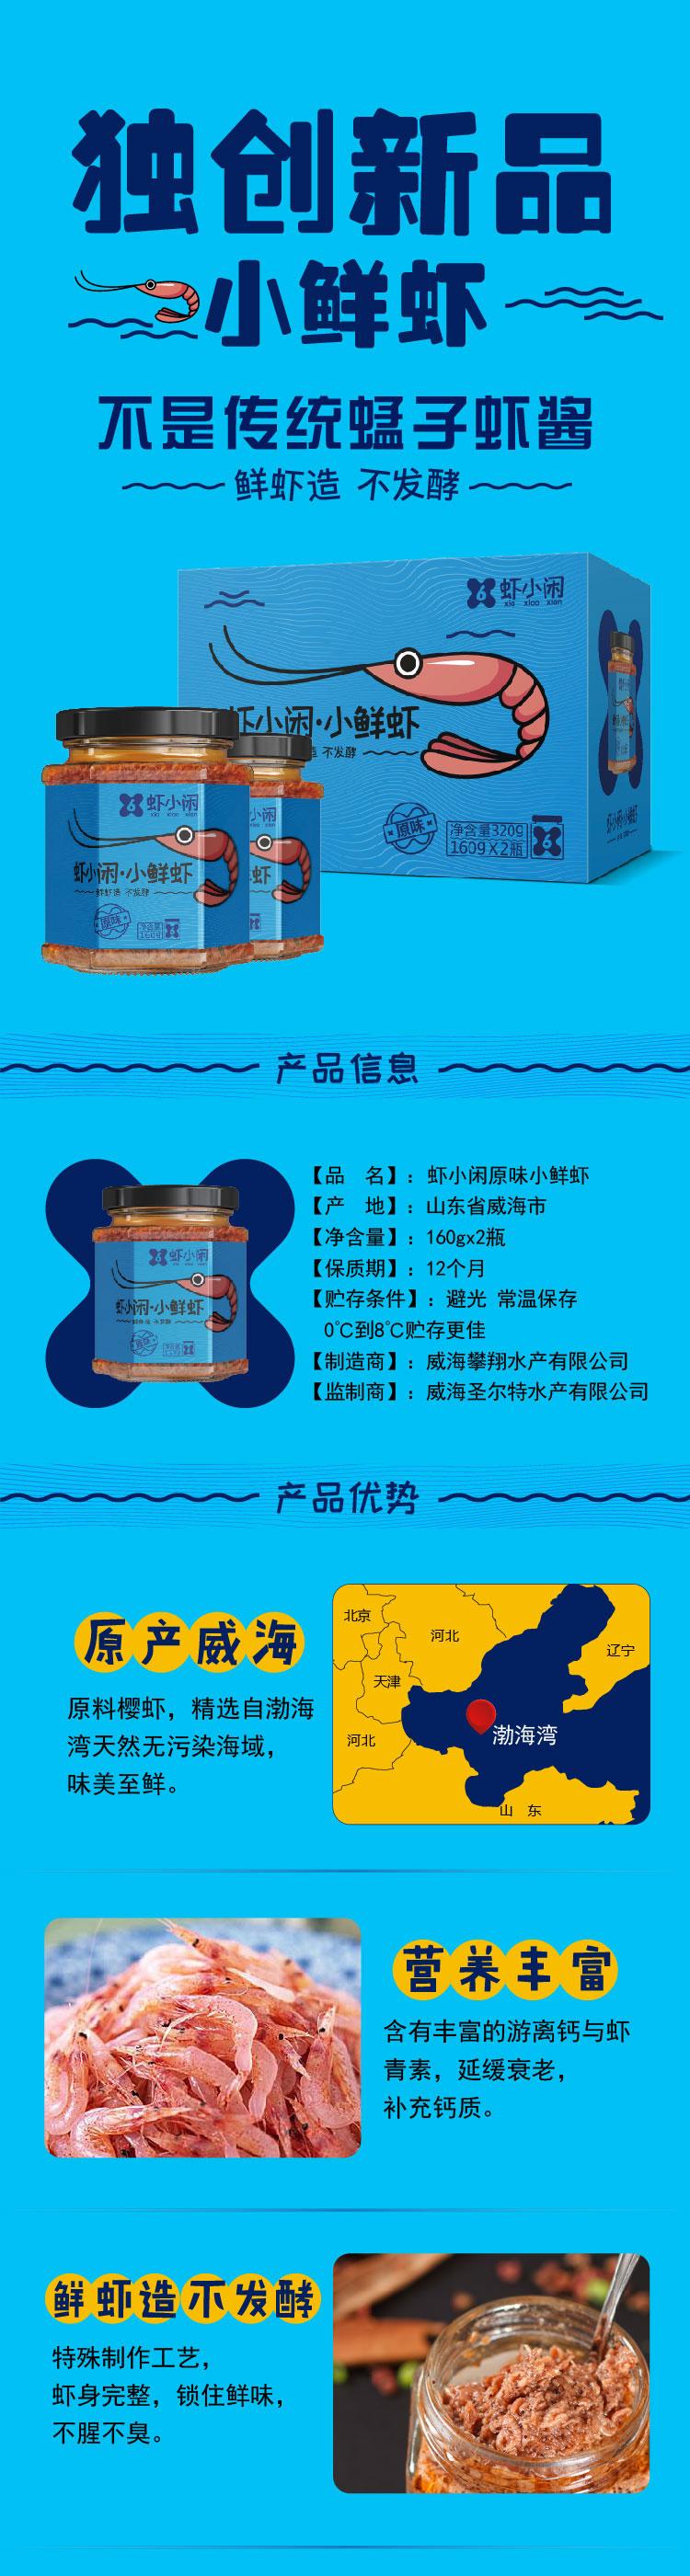 重庆商城-25_01.jpg